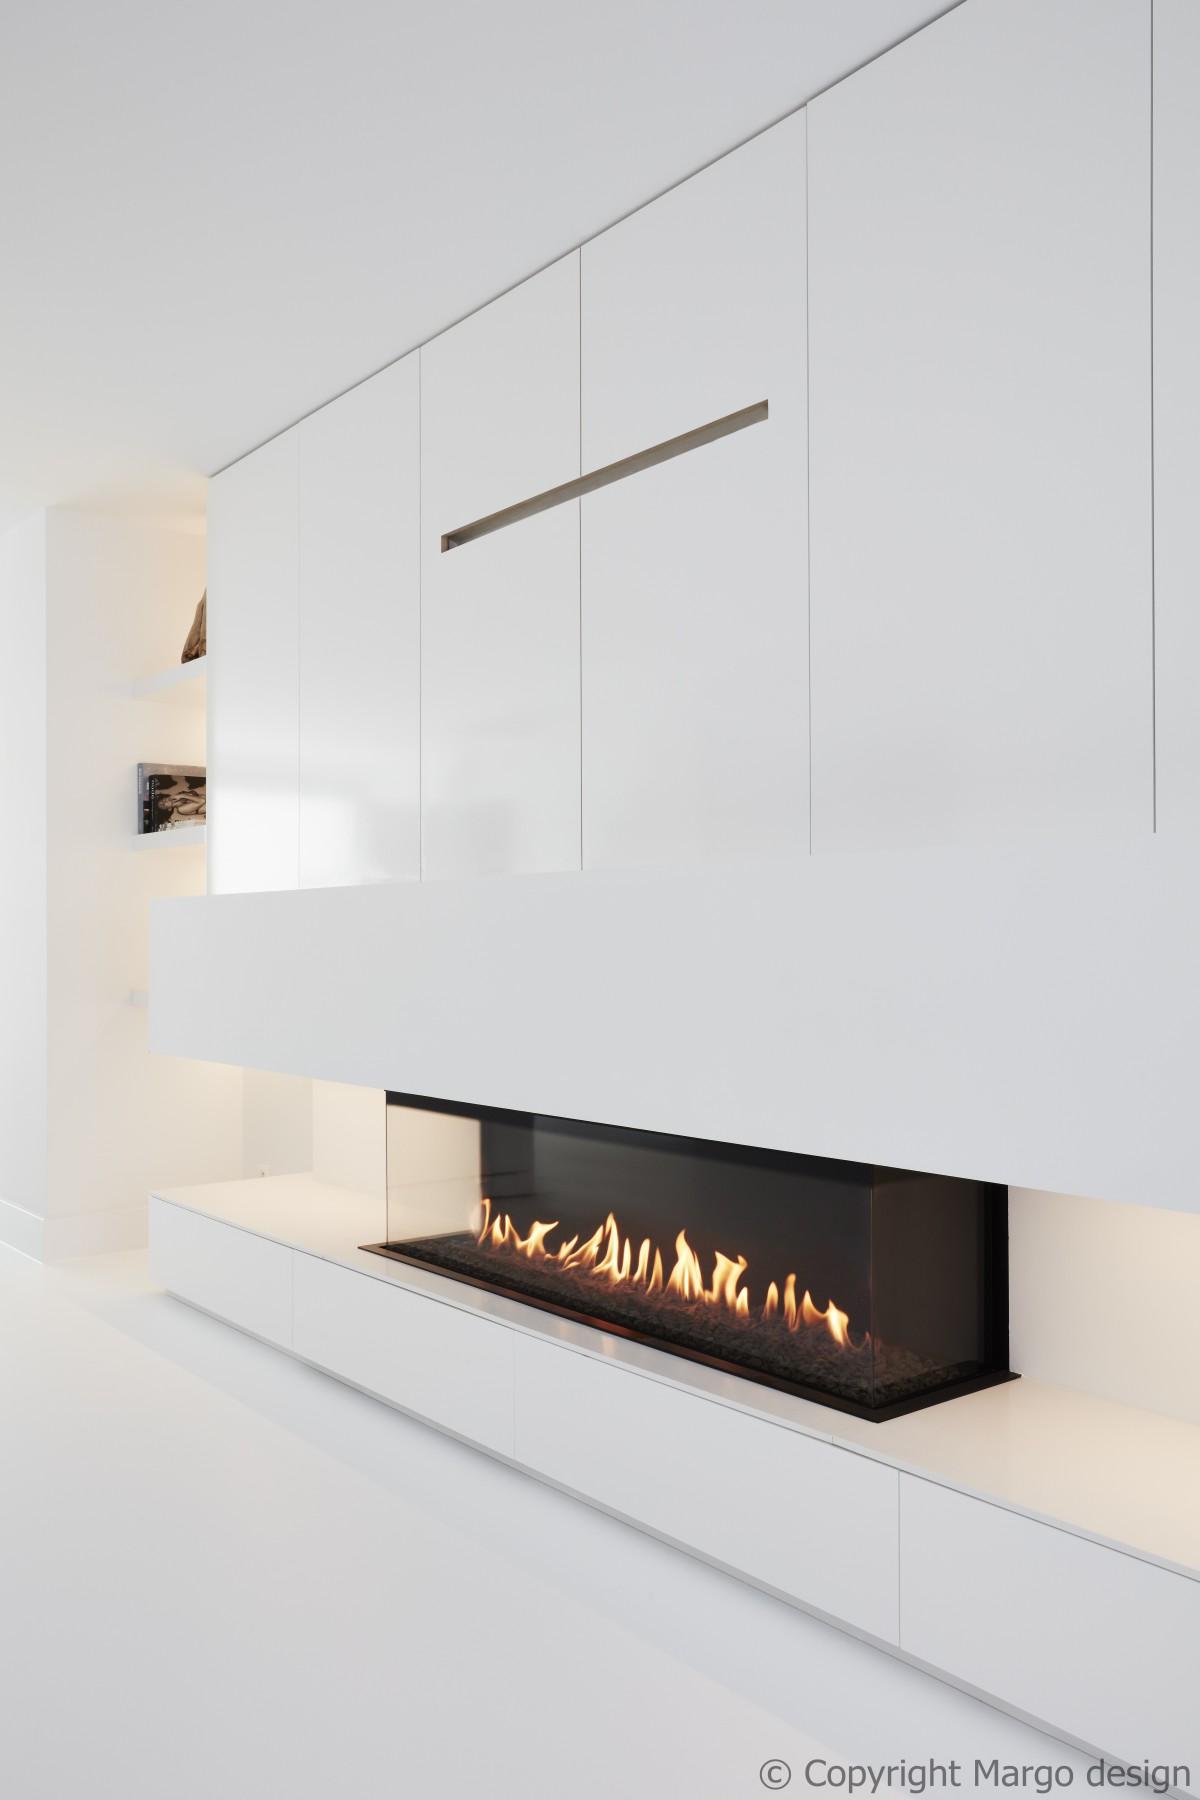 Gashaard M-Design  Luna 1600DC met 2 hoeken,  geplaatst in een haardwand met kasten op maat in een minimalistisch modern design.